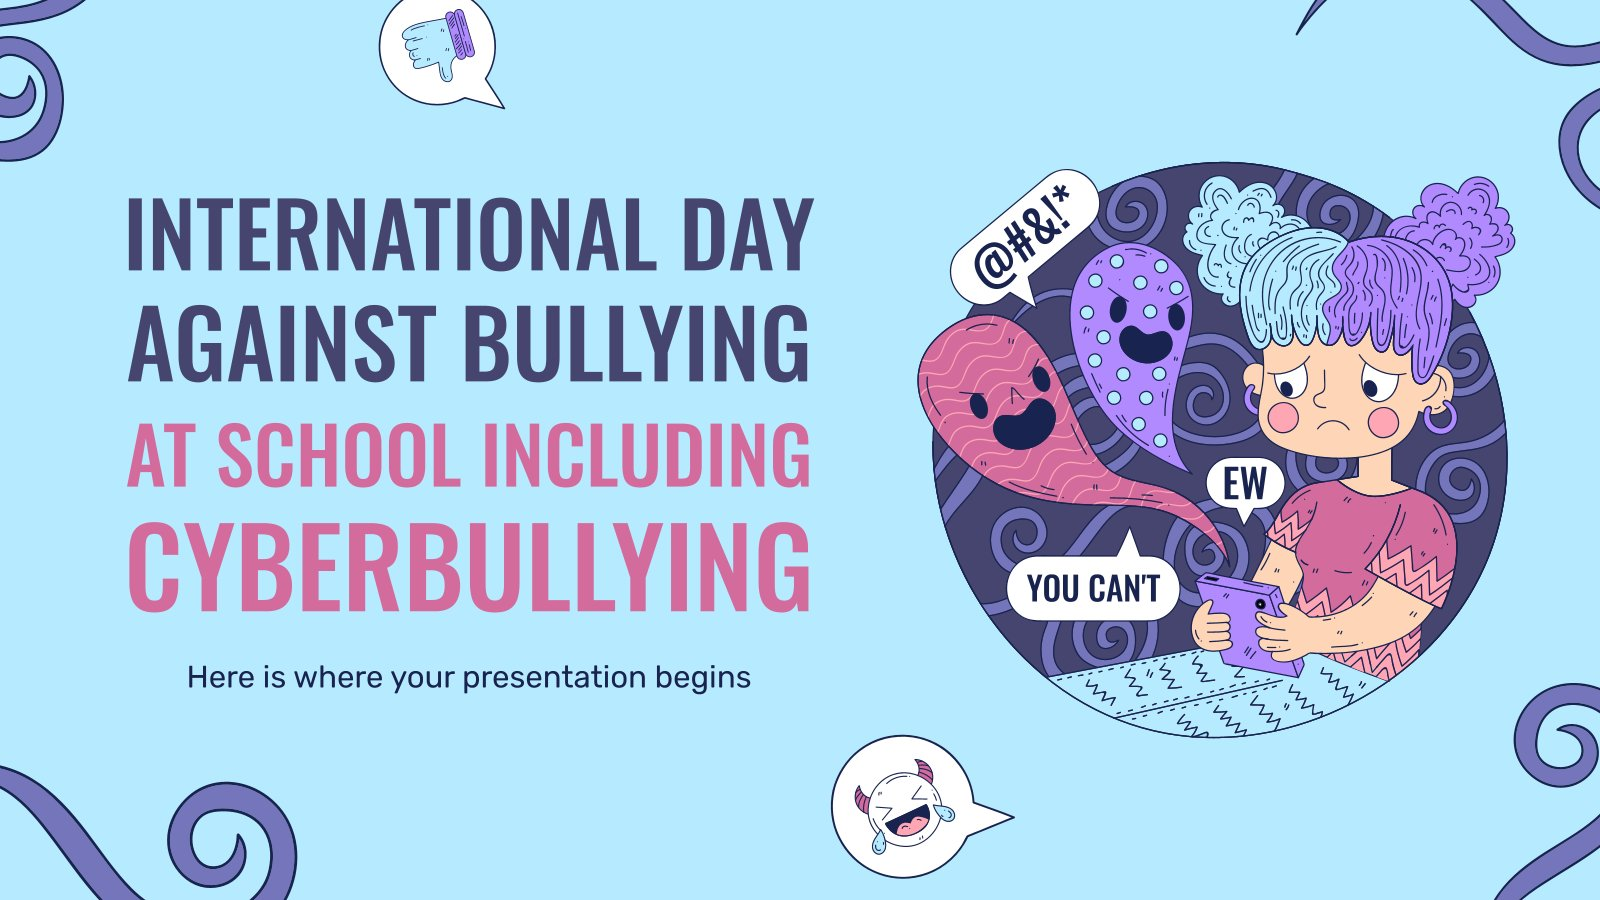 Journée internationale contre la violence et le harcèlement en milieu scolaire, y compris le cyber-harcèlement : Modèles de présentation